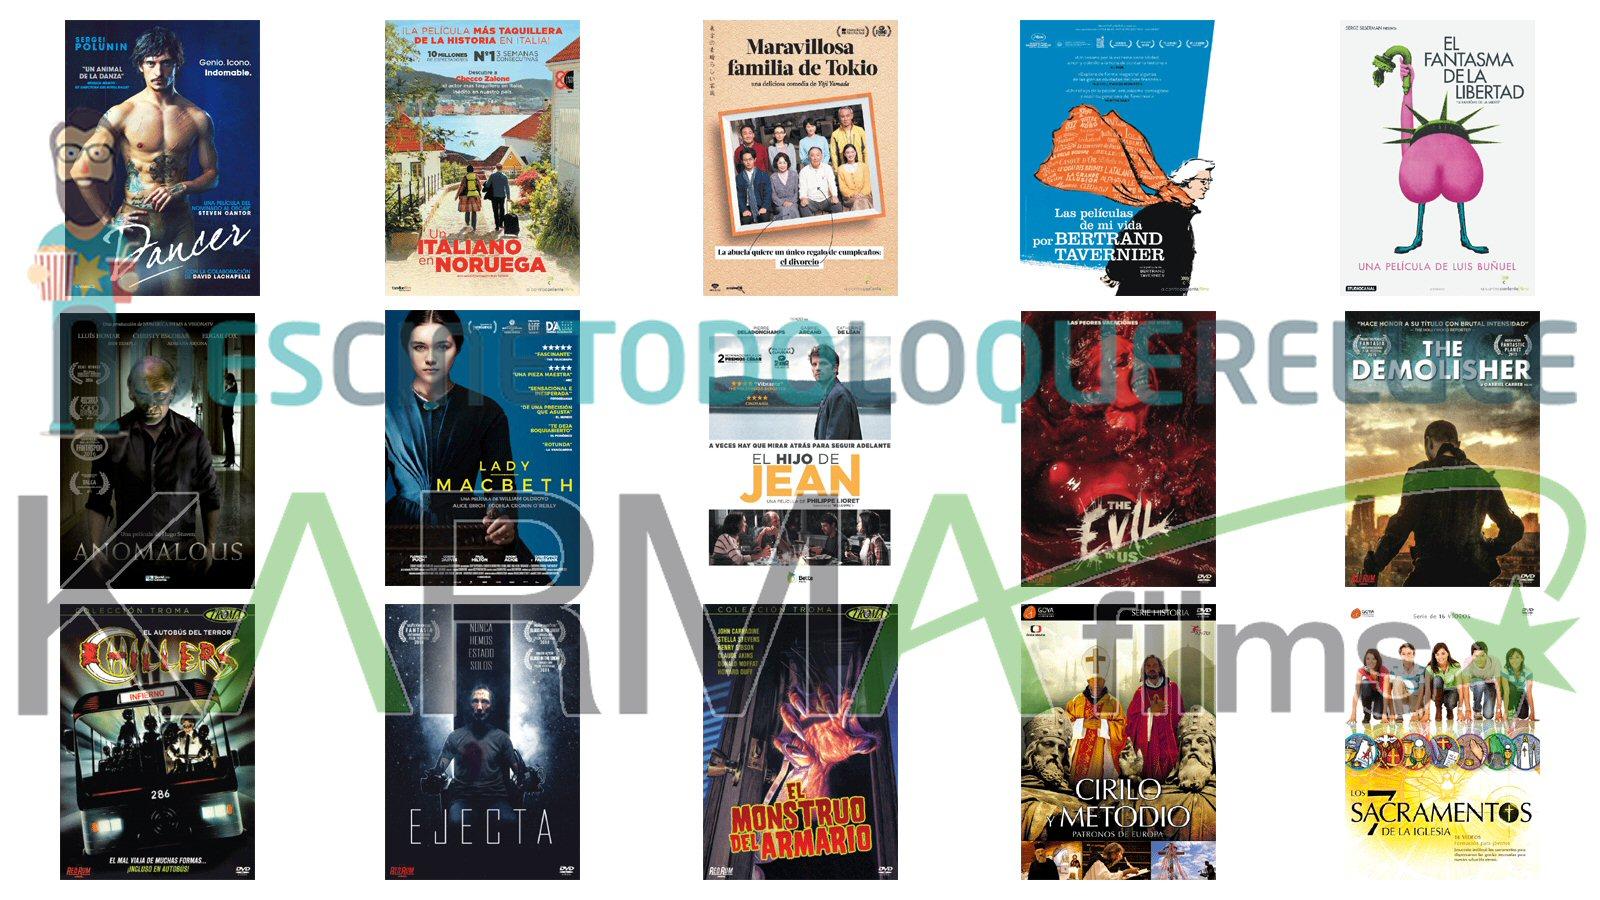 Lanzamientos de septiembre en DVD y Blu-ray de Karma Films